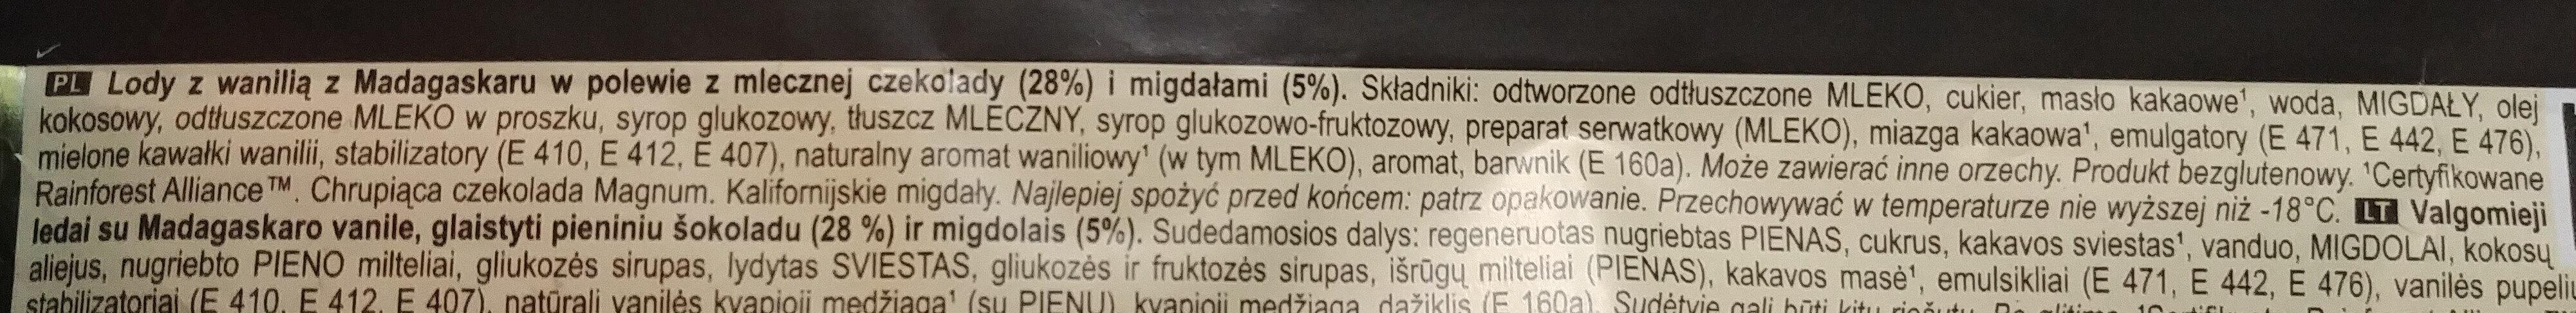 Lody z wanilią z Madagaskaru w polewie z mlecznej czekoladzie 28% i migdałami 5% - Składniki